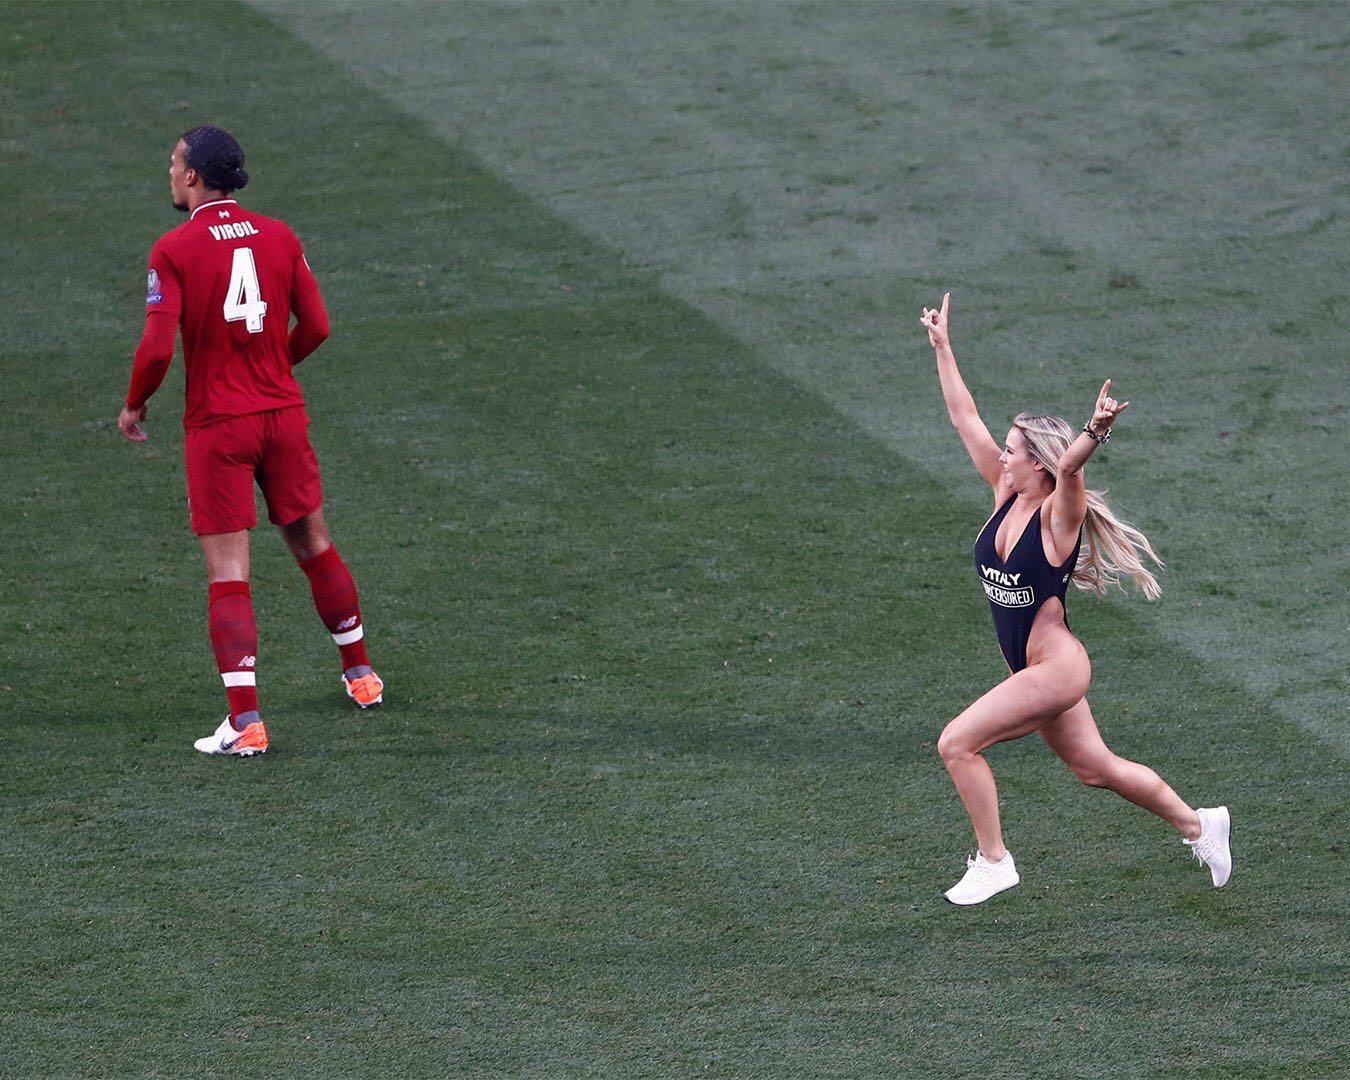 欧冠决赛,性感女球迷闯入球场成为本场最大亮点